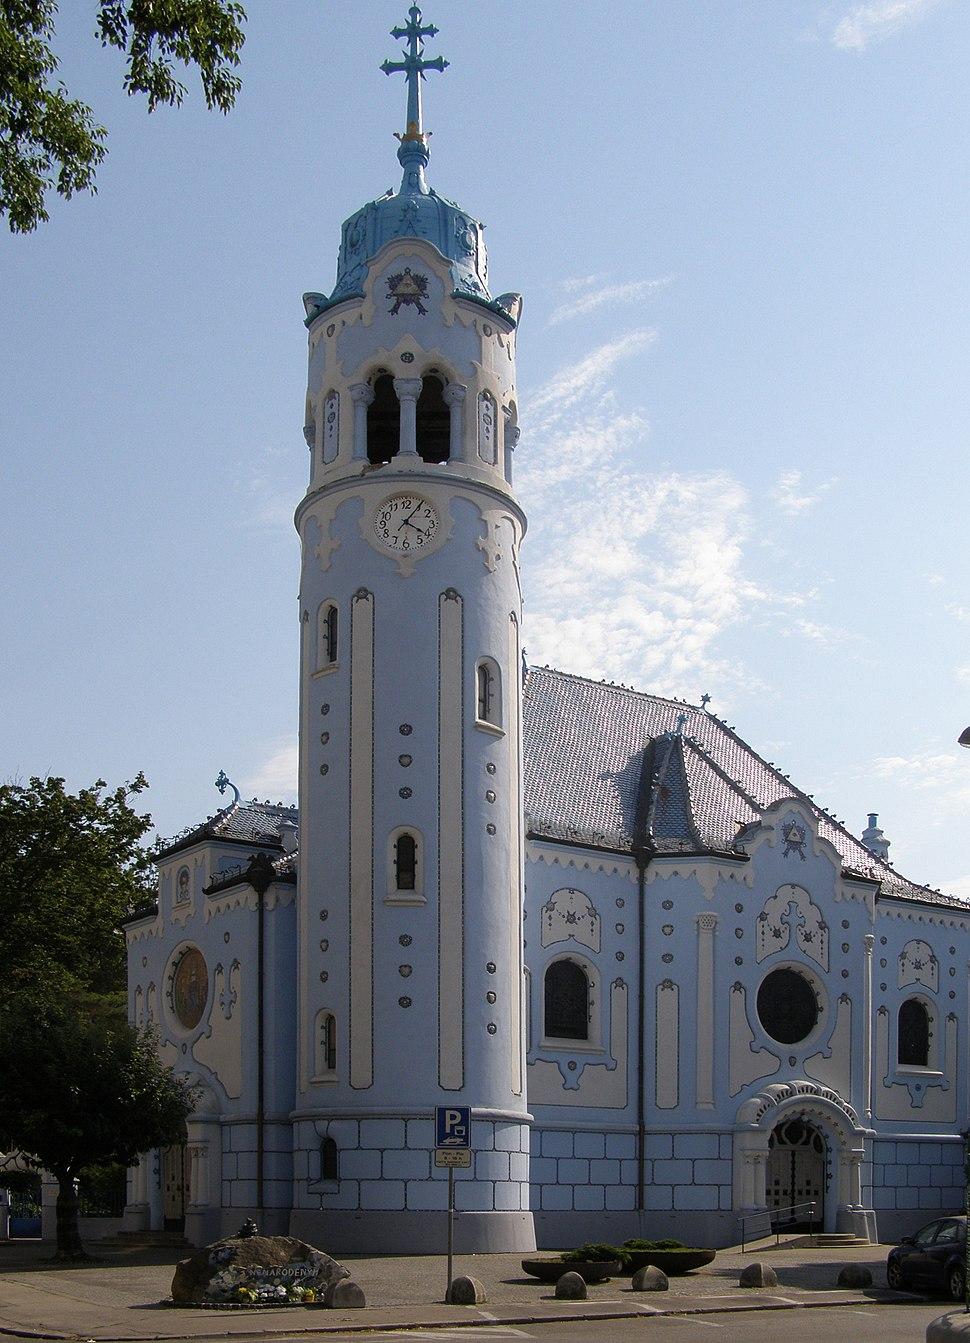 Kosciol Elzbiety w Bratyslawie